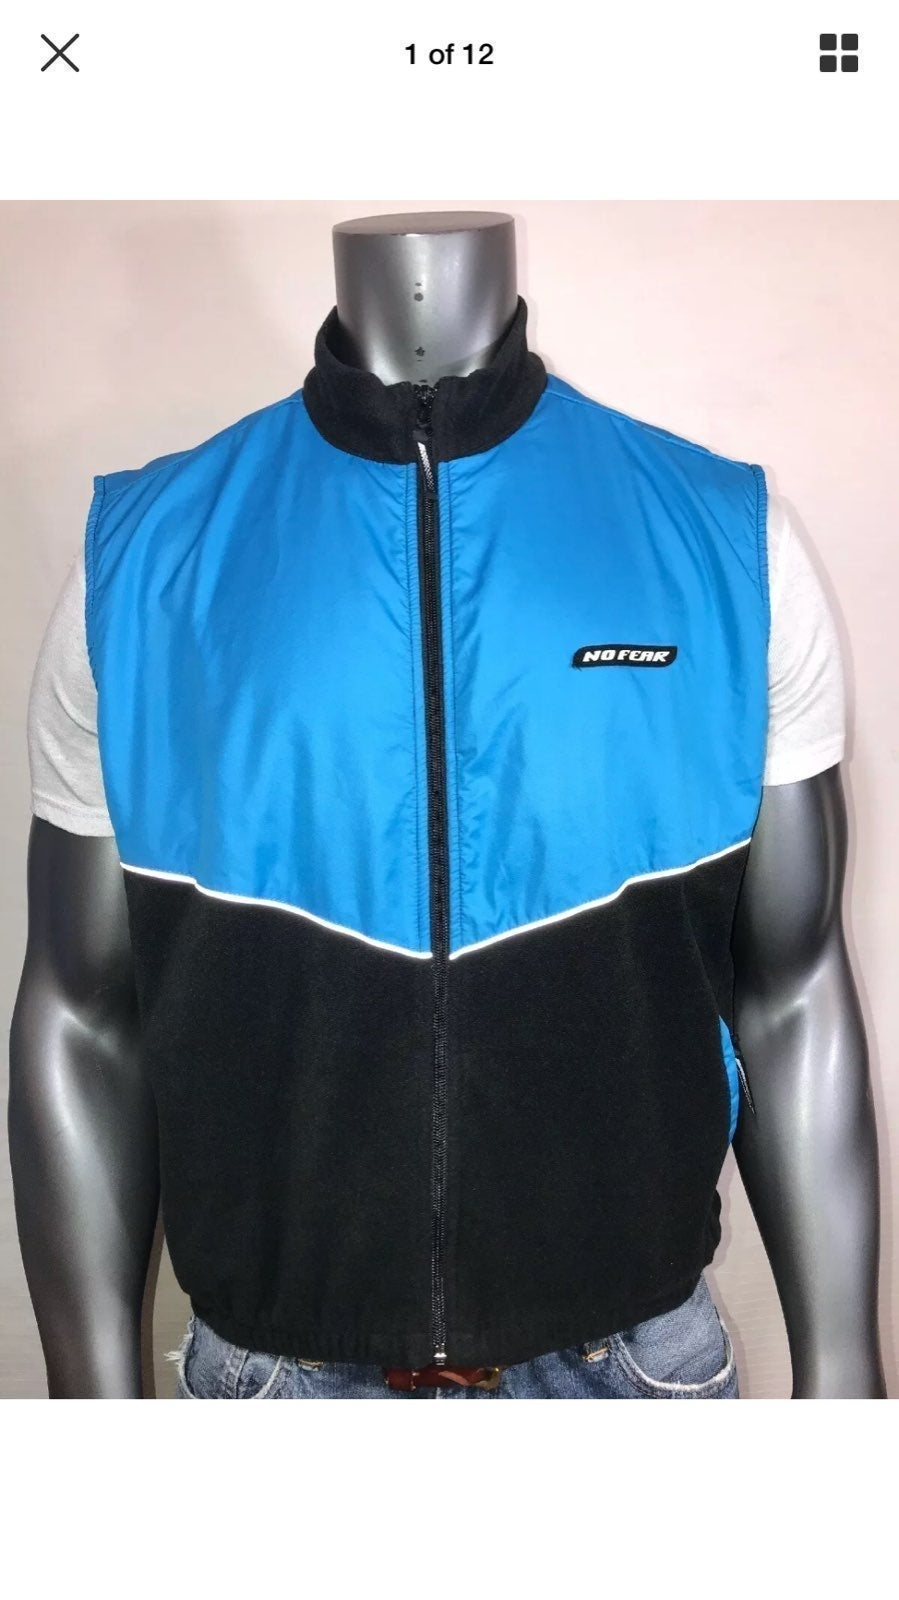 NO FEAR 90s Zip Up Fleece Vest XL